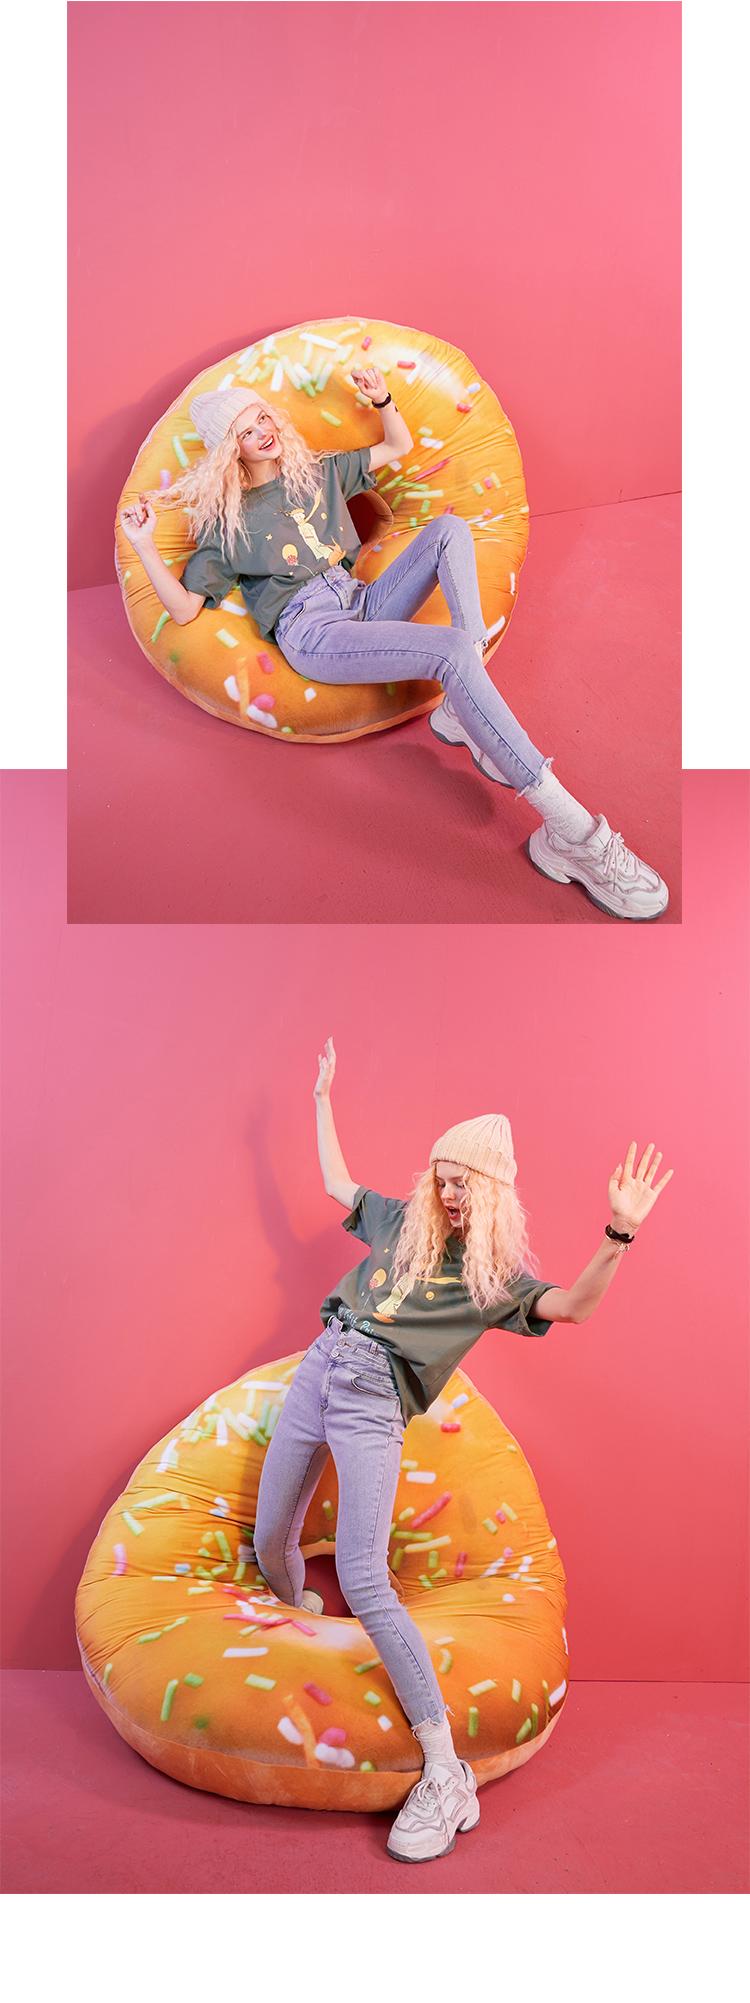 【35色IP联名】妖精的口袋薄款短袖t恤女2021夏季纯棉宽松上衣潮(【拍3件更实惠!】妖精的口袋纯棉T恤)